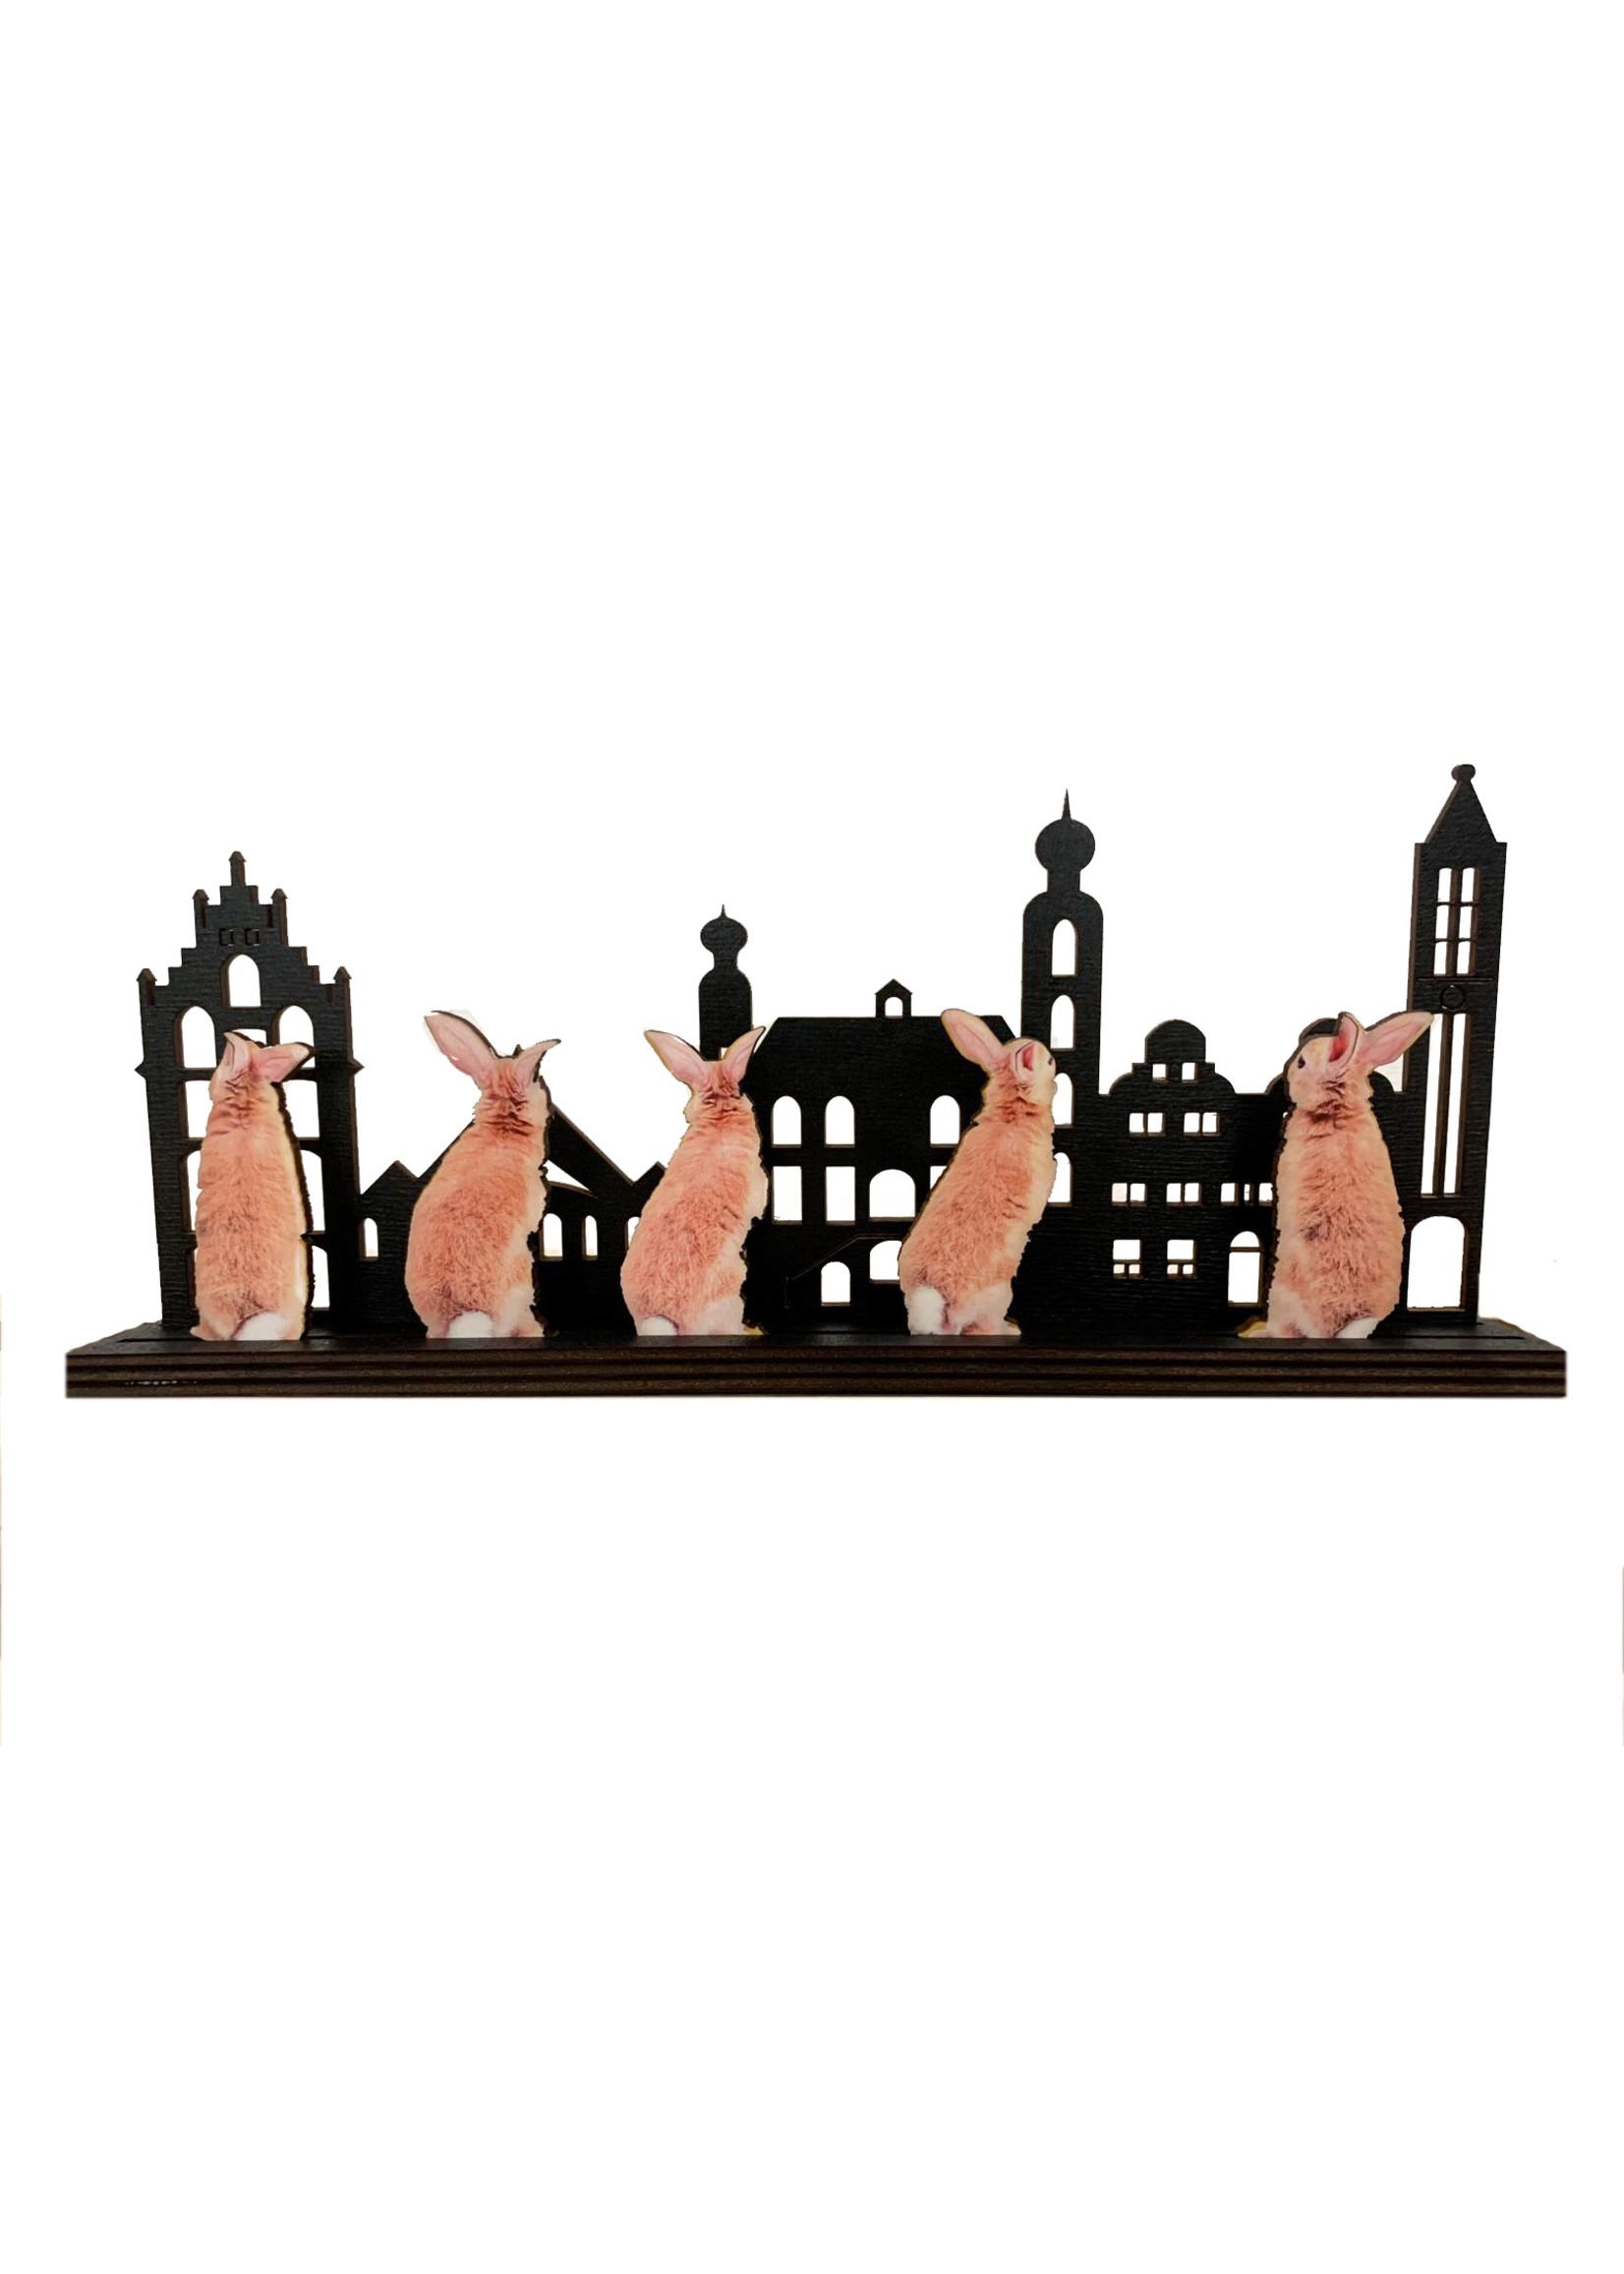 Inzetstukjes voor skyline thema Pasen - konijntjes